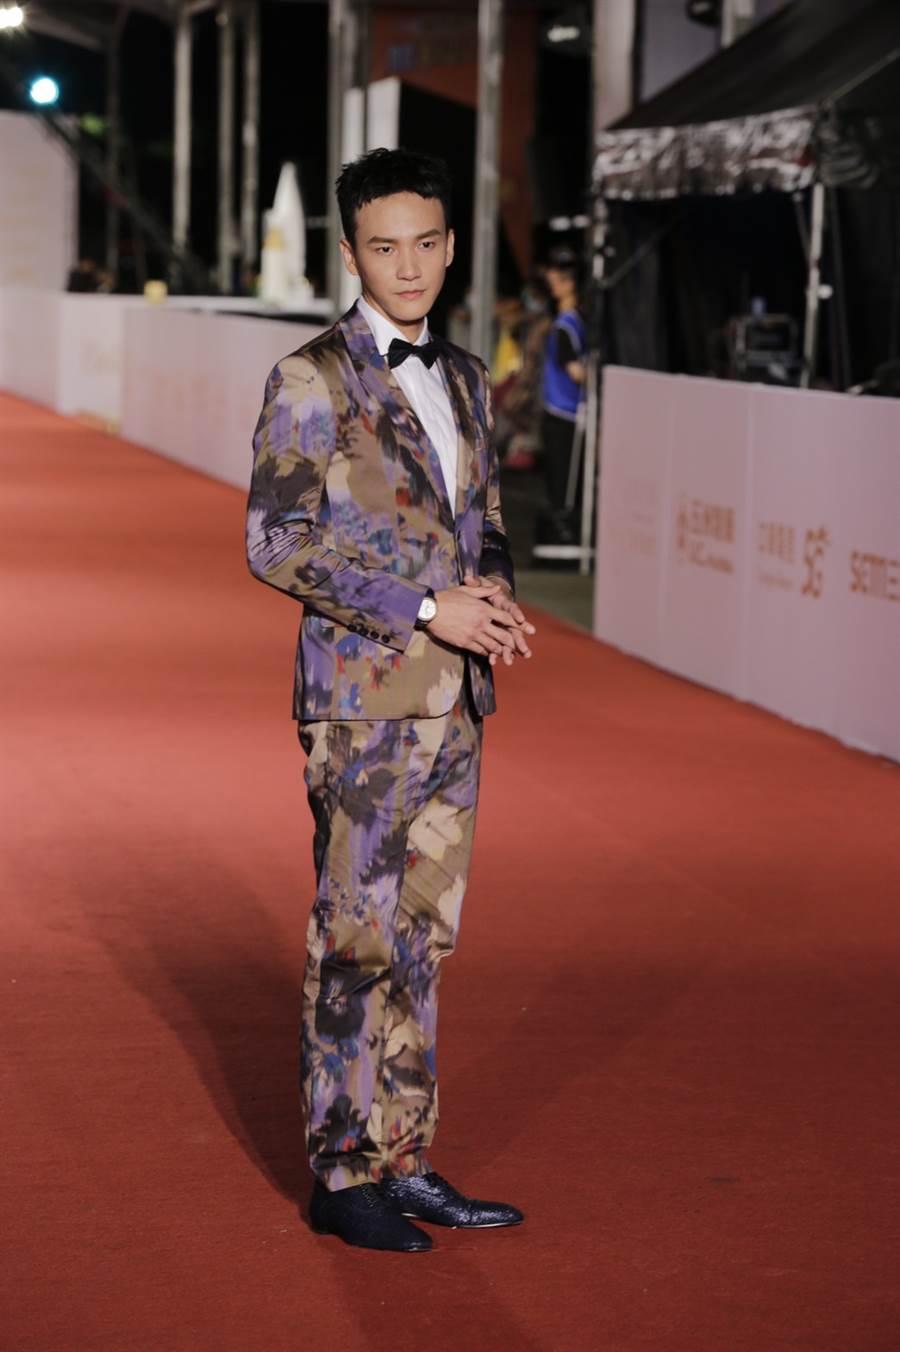 曹晏豪西裝上油畫般的布花和合身剪裁讓人驚艷不已。(圖/廖映翔攝)